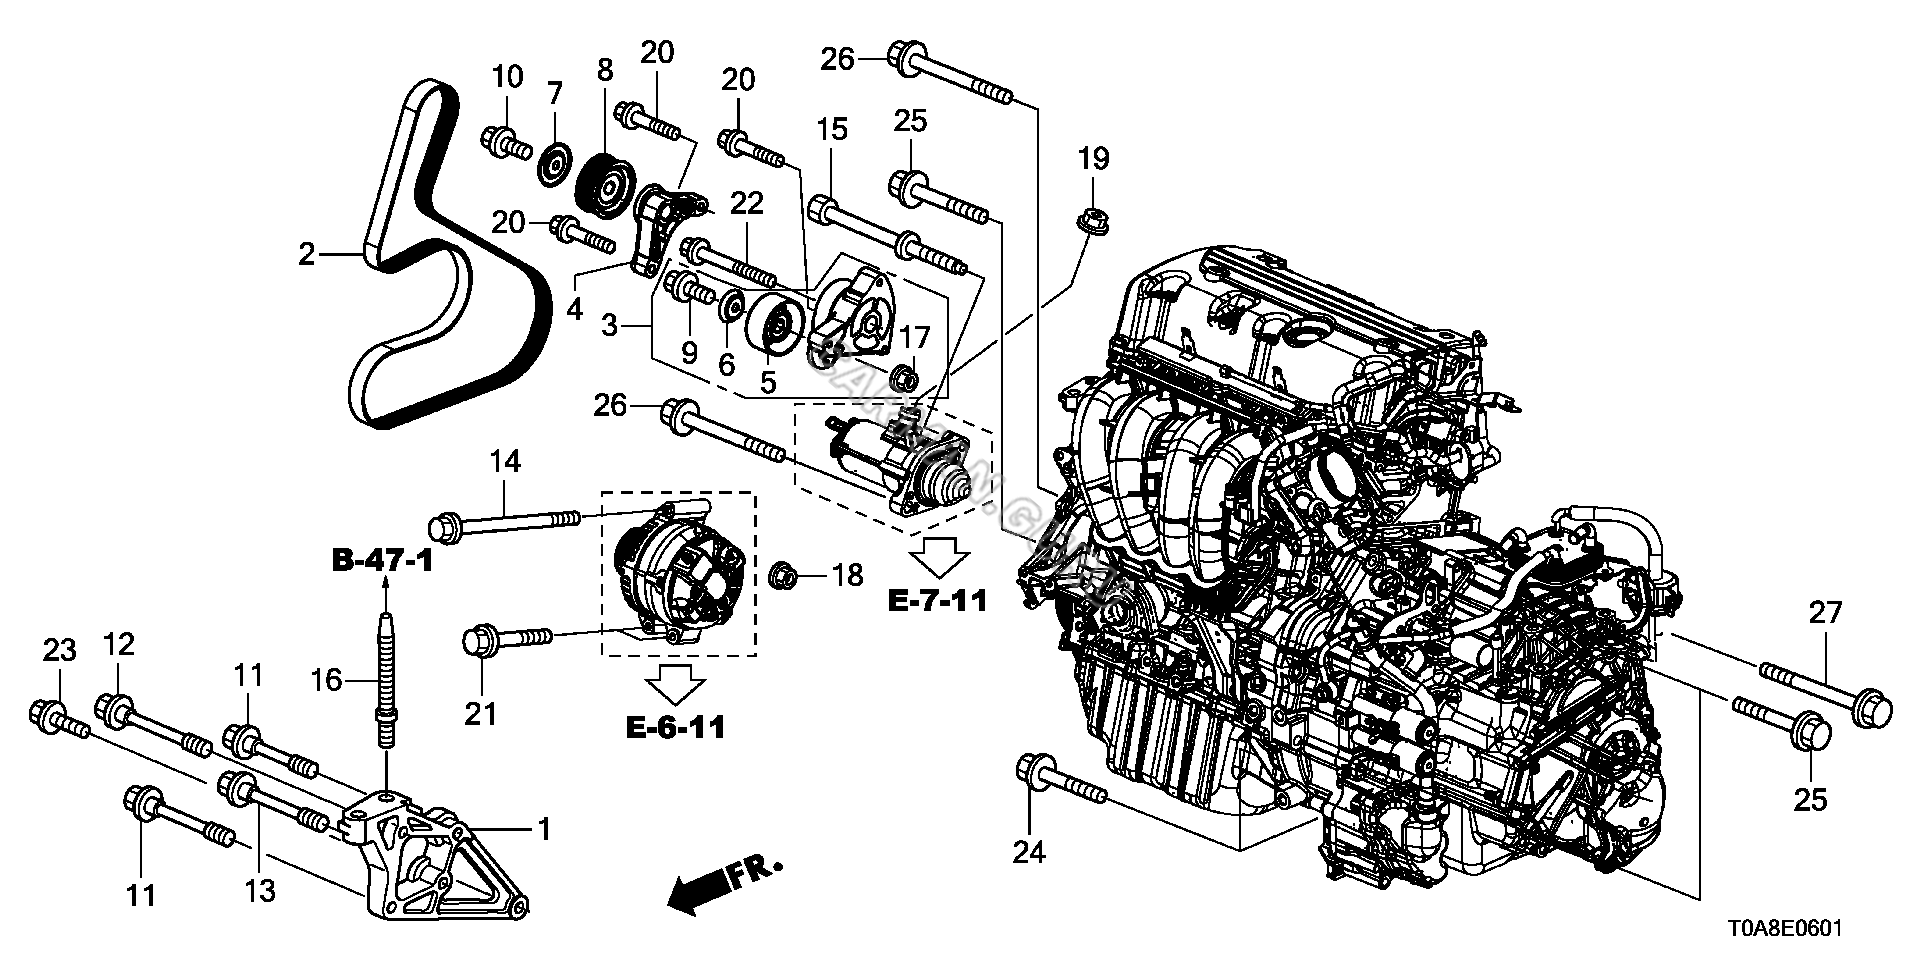 rt_1480] honda 2 4l engine diagram download diagram  skat anth gho itis mohammedshrine librar wiring 101